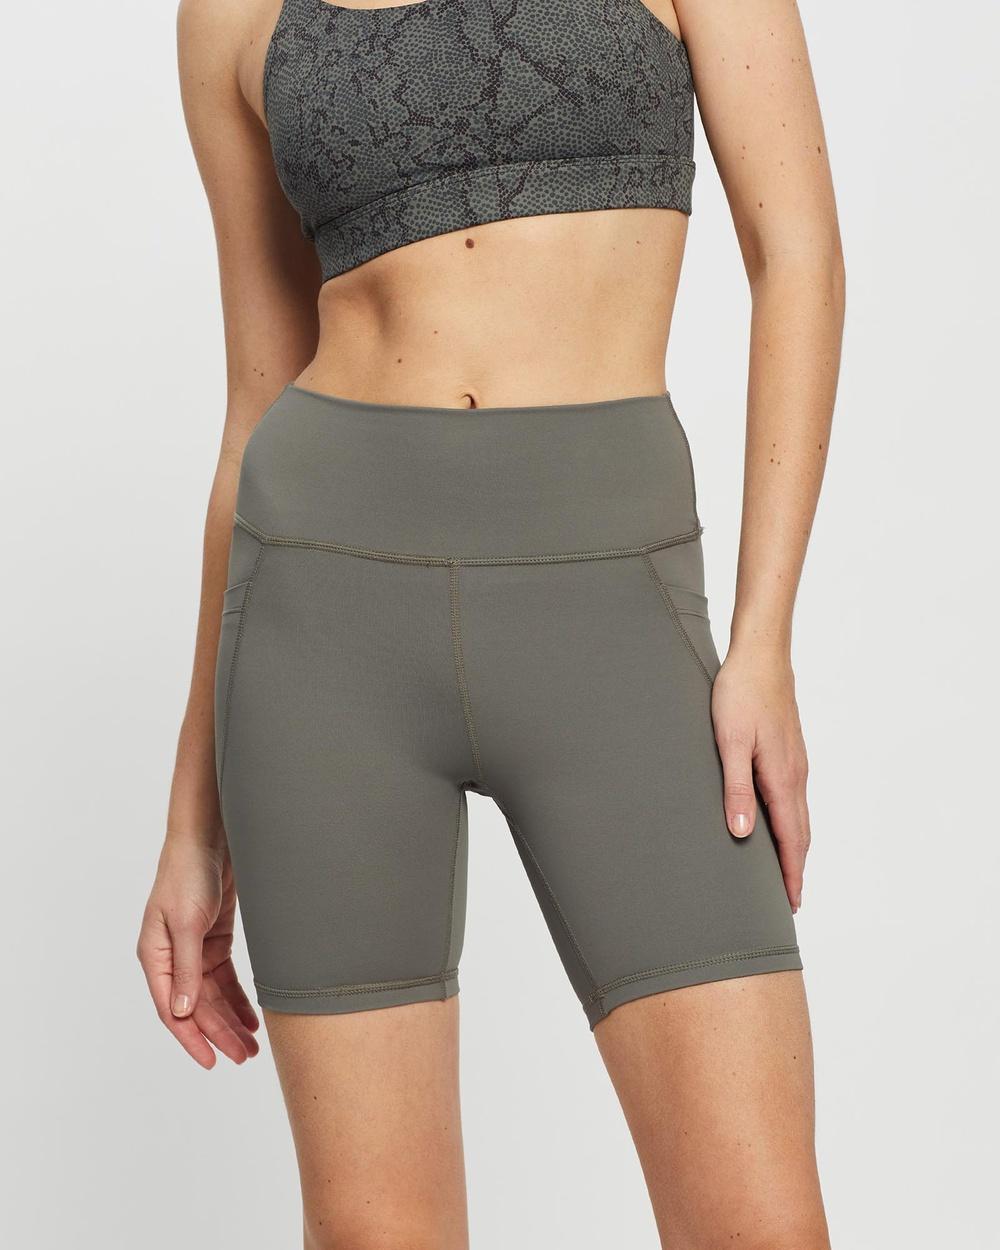 All Fenix Core Pocket Bike Shorts Sports Tights Olive